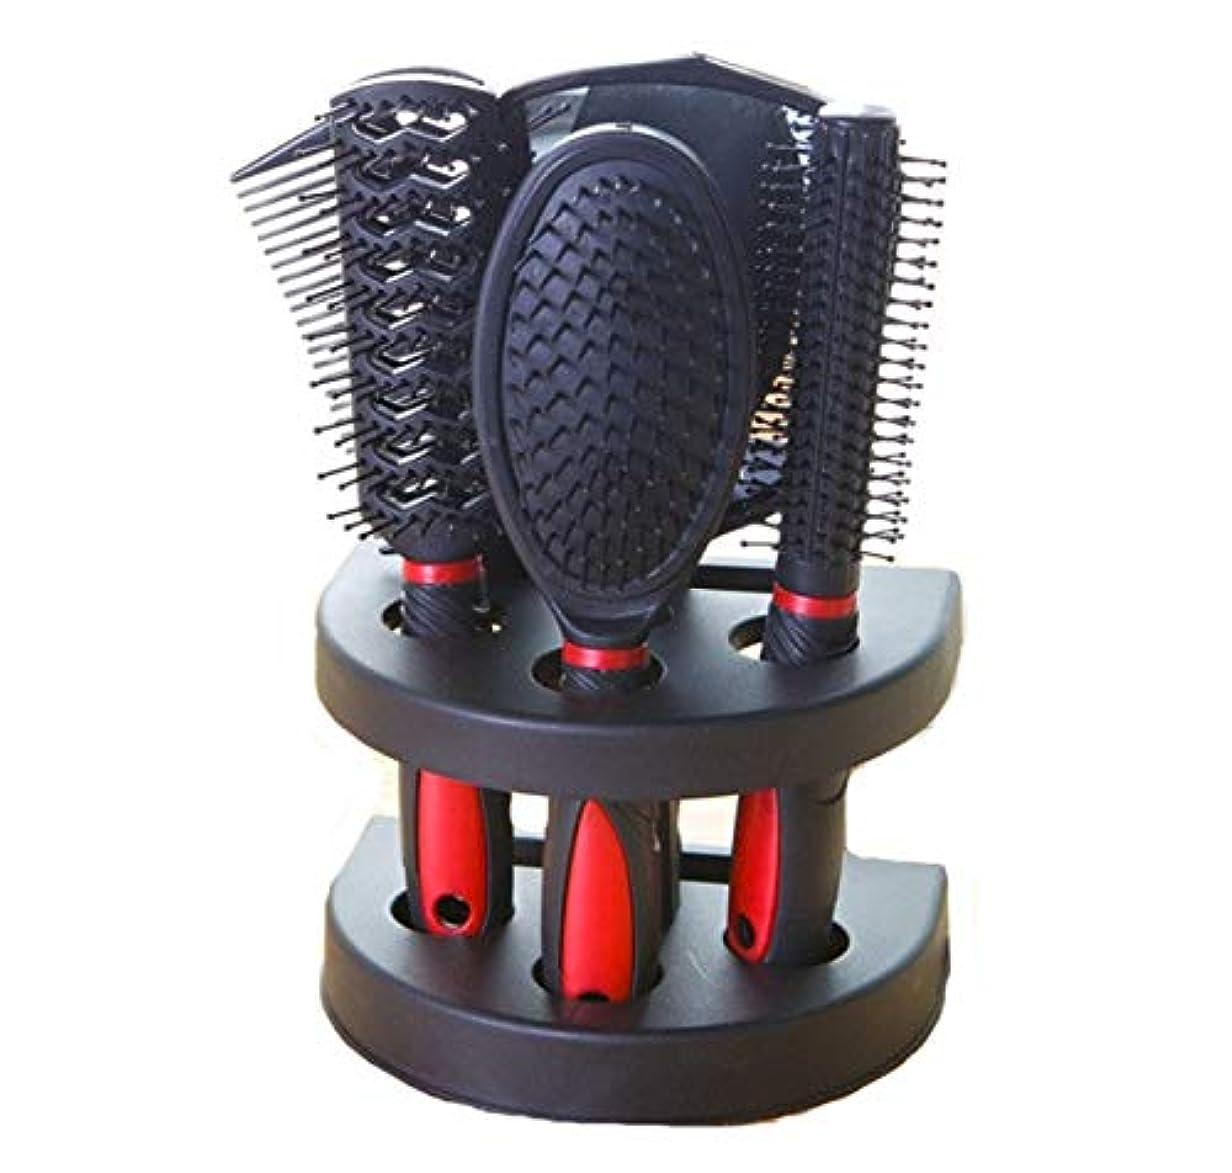 特権的おもしろいお気に入りヘアコーム、赤いマッサージコーム、ミラー付き環境に優しいコーム、帯電防止エアバッグコーム、ロングヘアコーム、ヘアコーム、理髪エアバッグコーム5ピースセット、理髪コームギフト